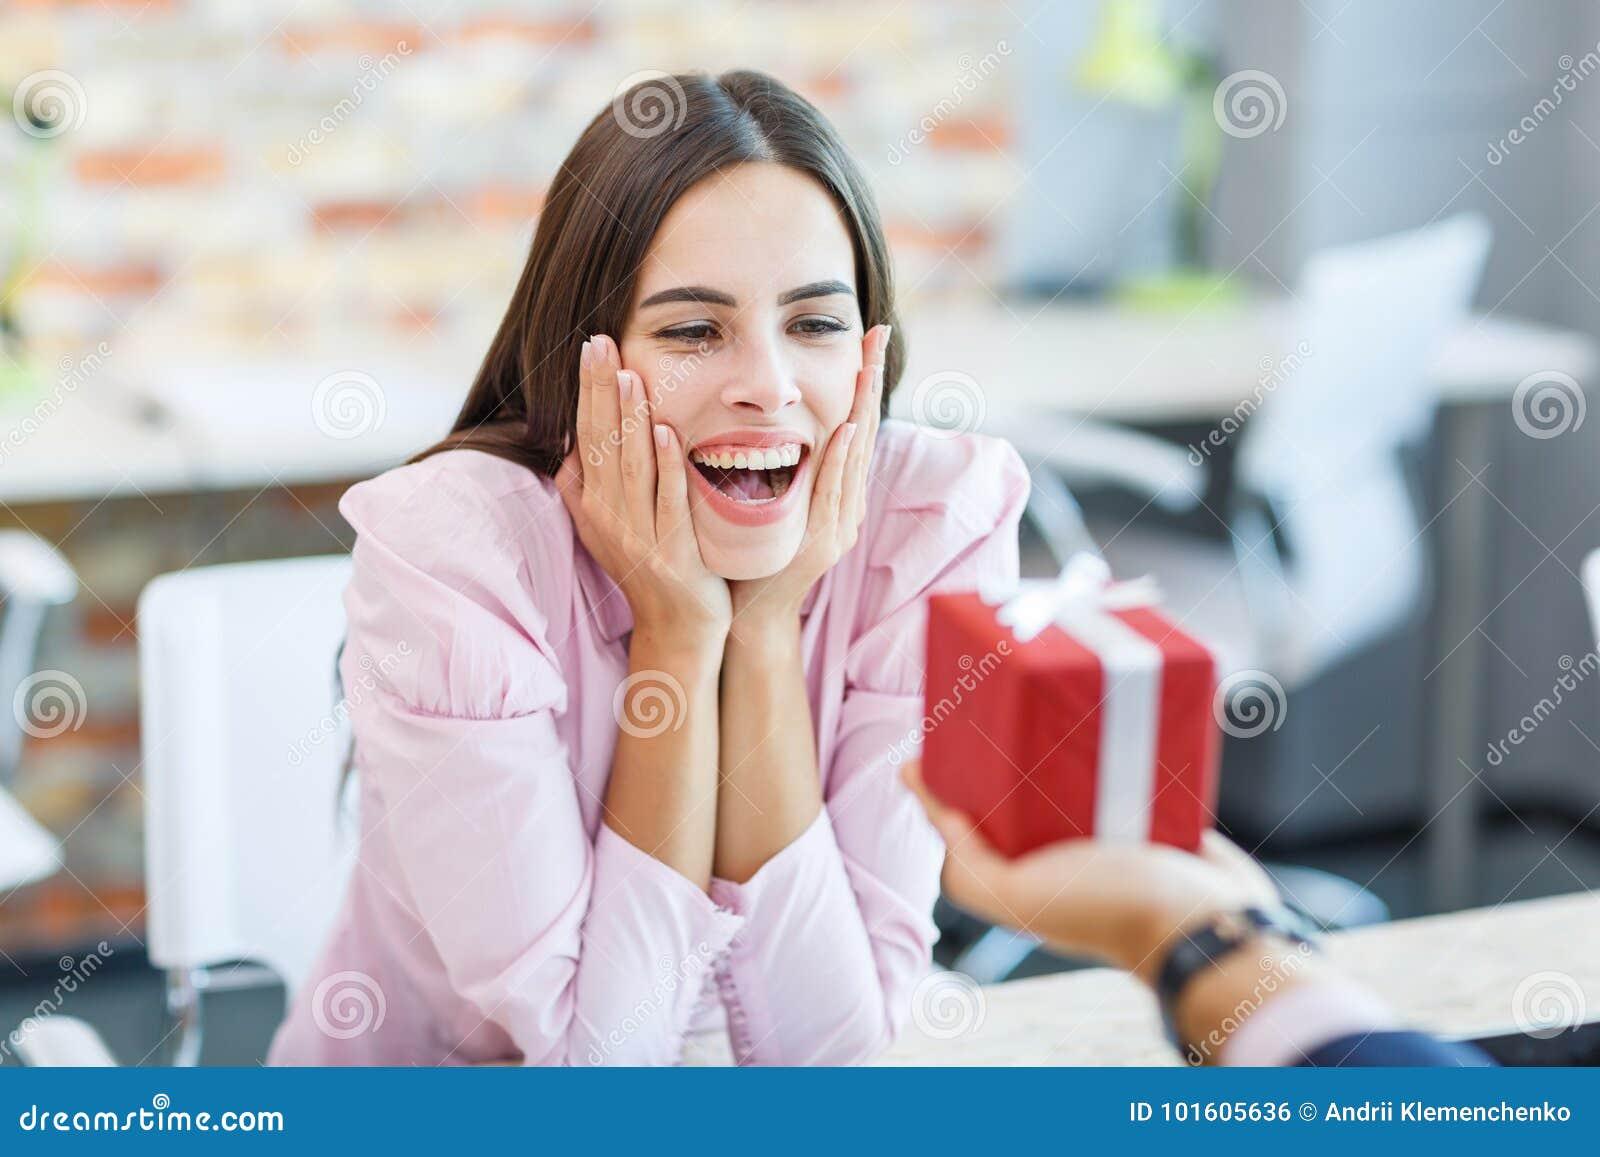 La muchacha feliz que trabajaba en la oficina recibió un regalo